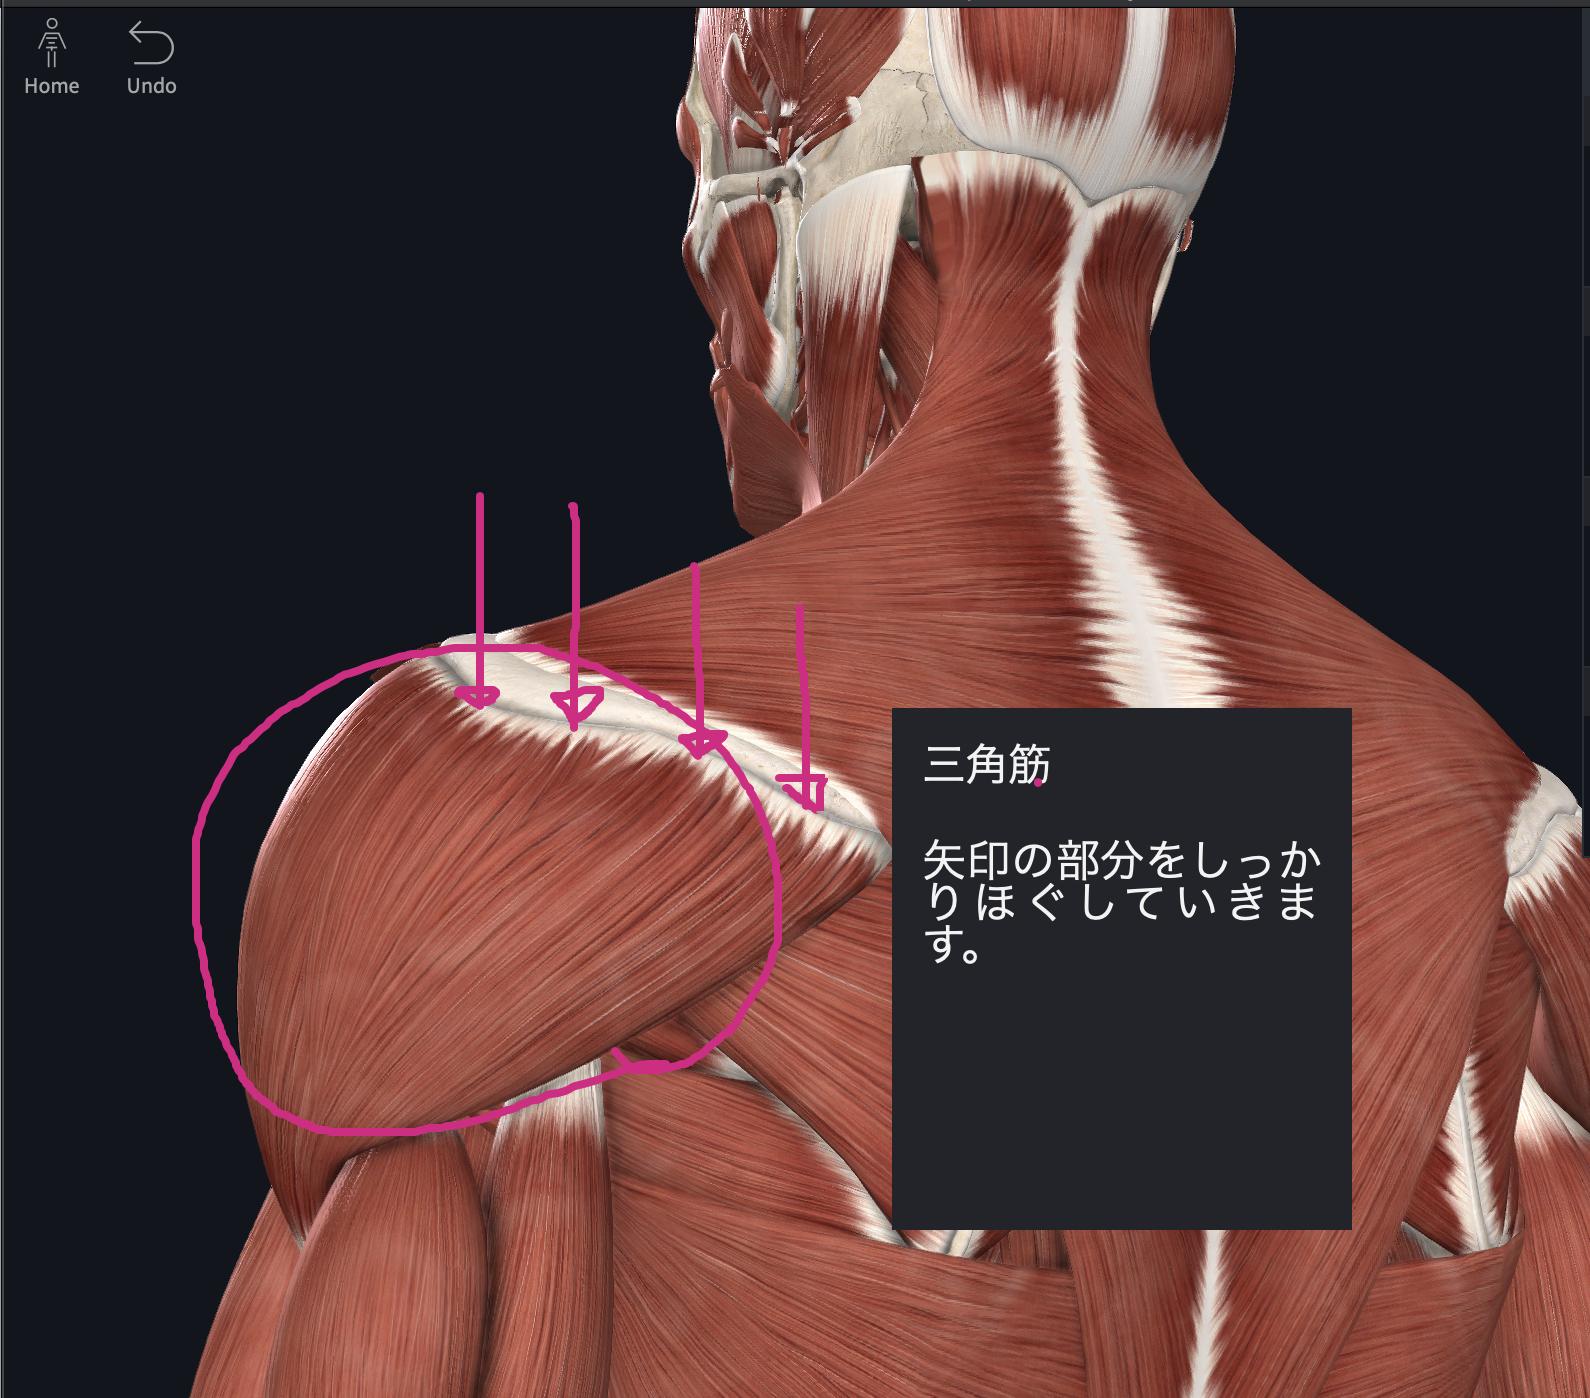 筋 痛 三角 筋肉 四十肩(五十肩)で三角筋が痛い?